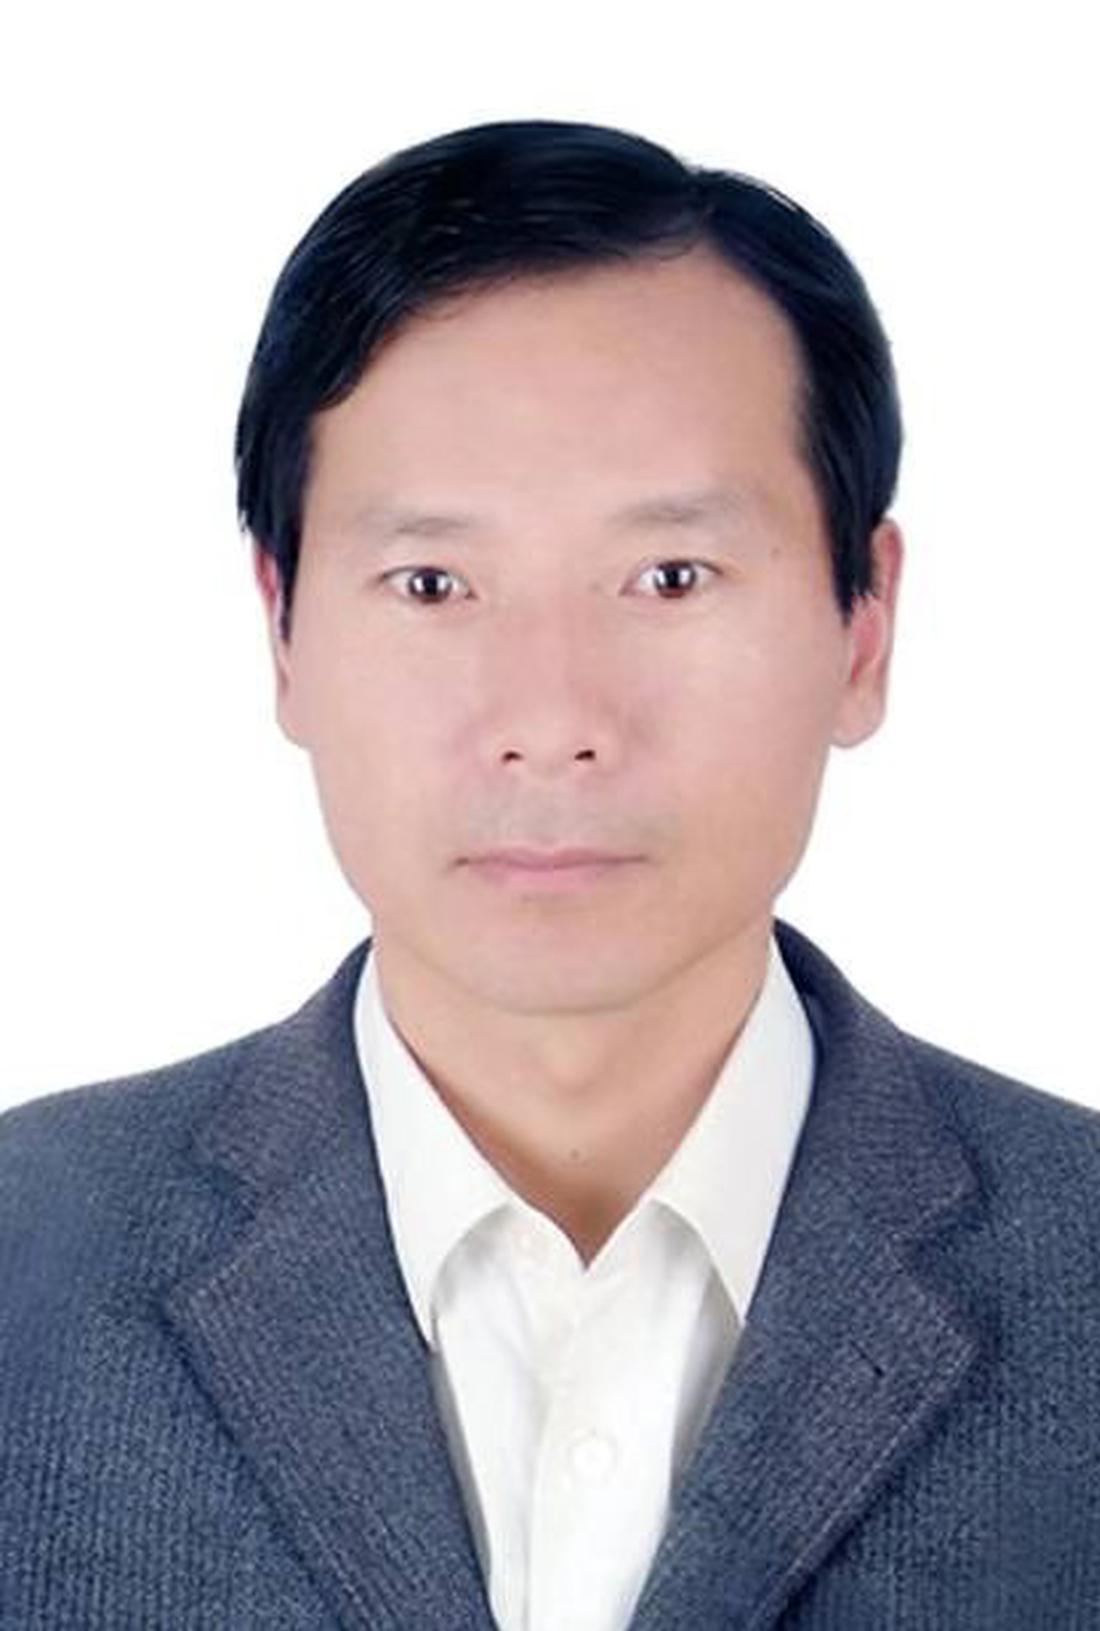 寻找乡村教师代言人:骑路小学校长王晓四